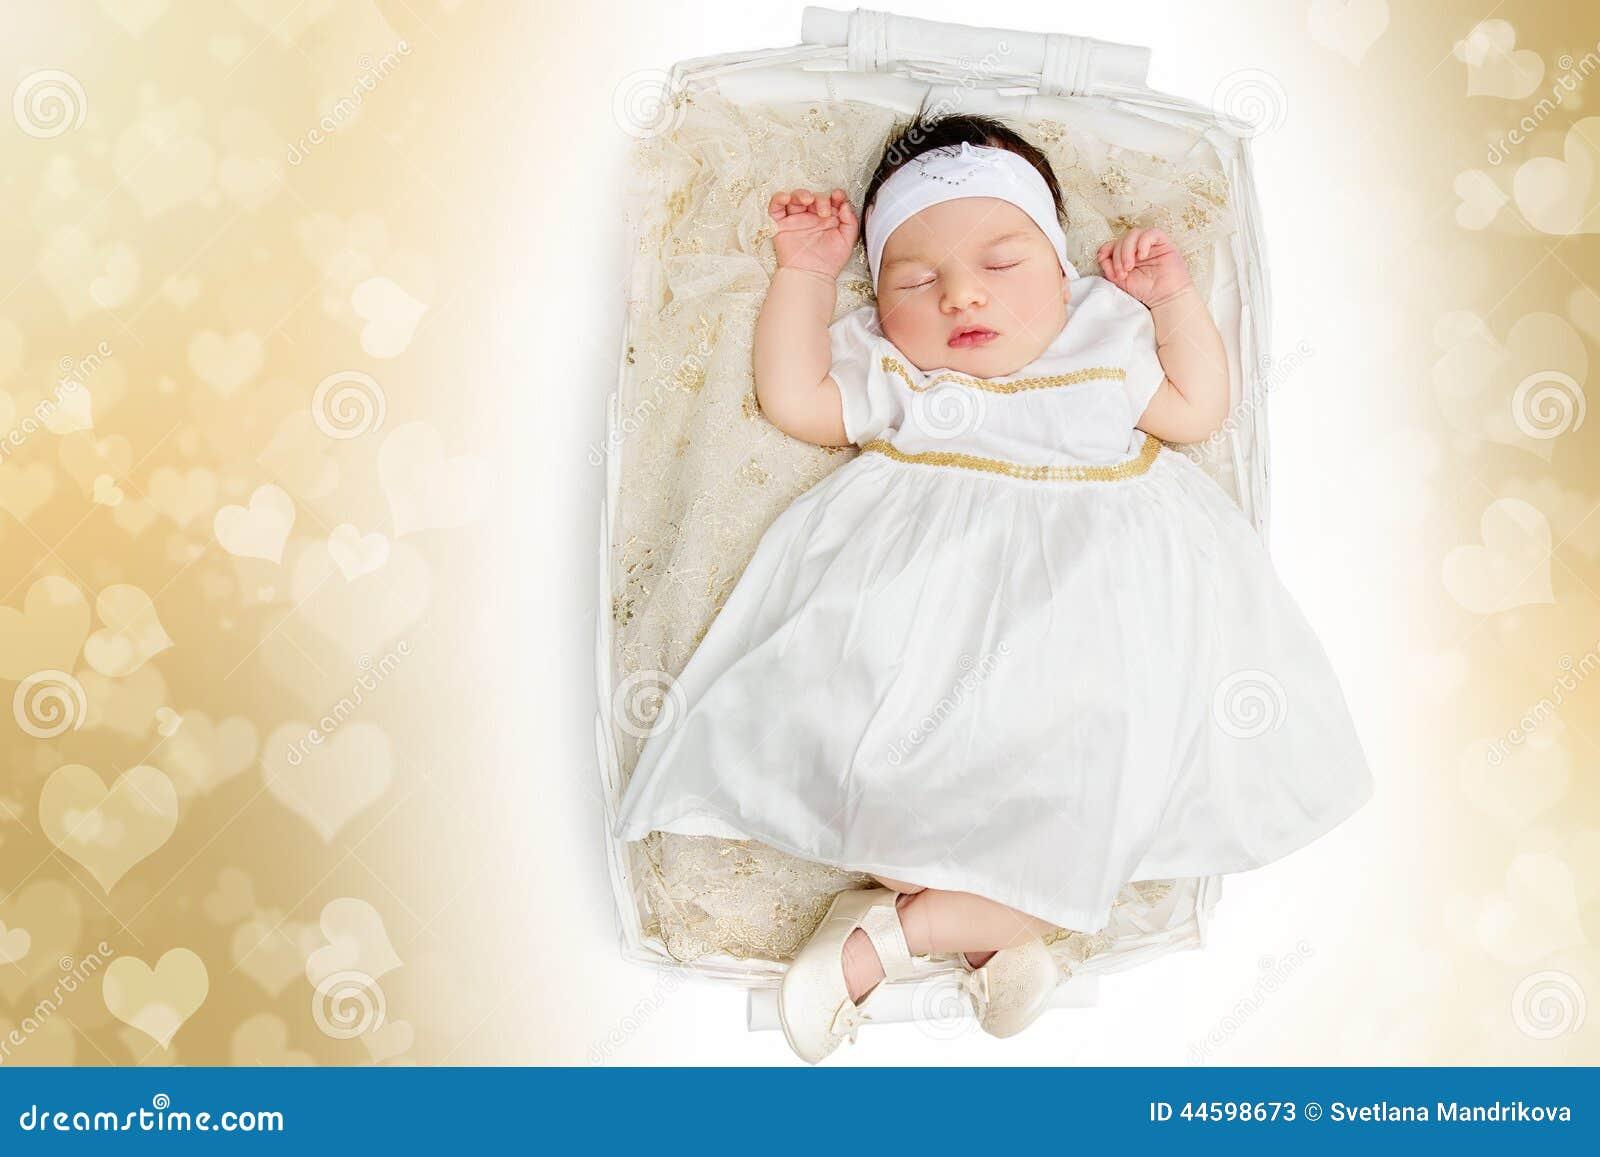 variedad de estilos de 2019 niño Garantía de calidad 100% Vestido Blanco Que Lleva Del Bebé Recién Nacido El Dormir ...